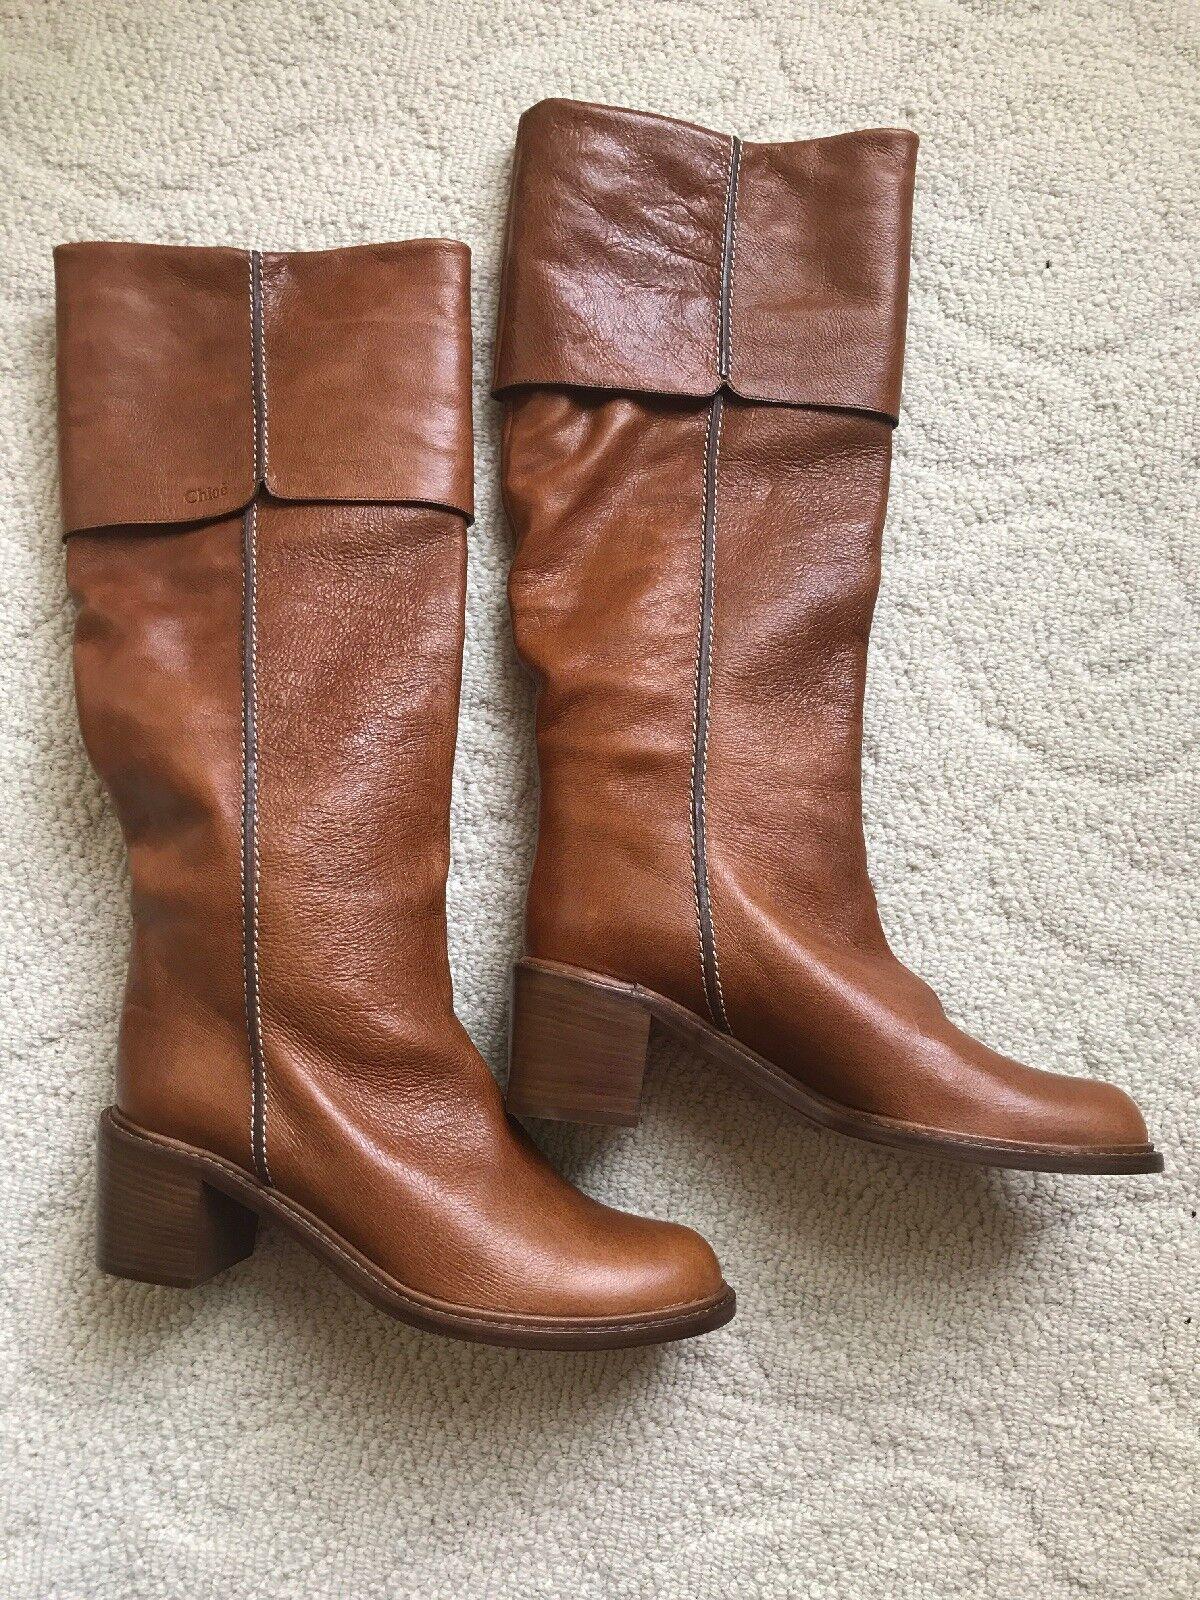 Nuevo Sin Sin Sin Caja Chloe Alto Cuero marrón claro botas De Montar Hasta la Rodilla Alta 40.5 US 10.5  nueva marca